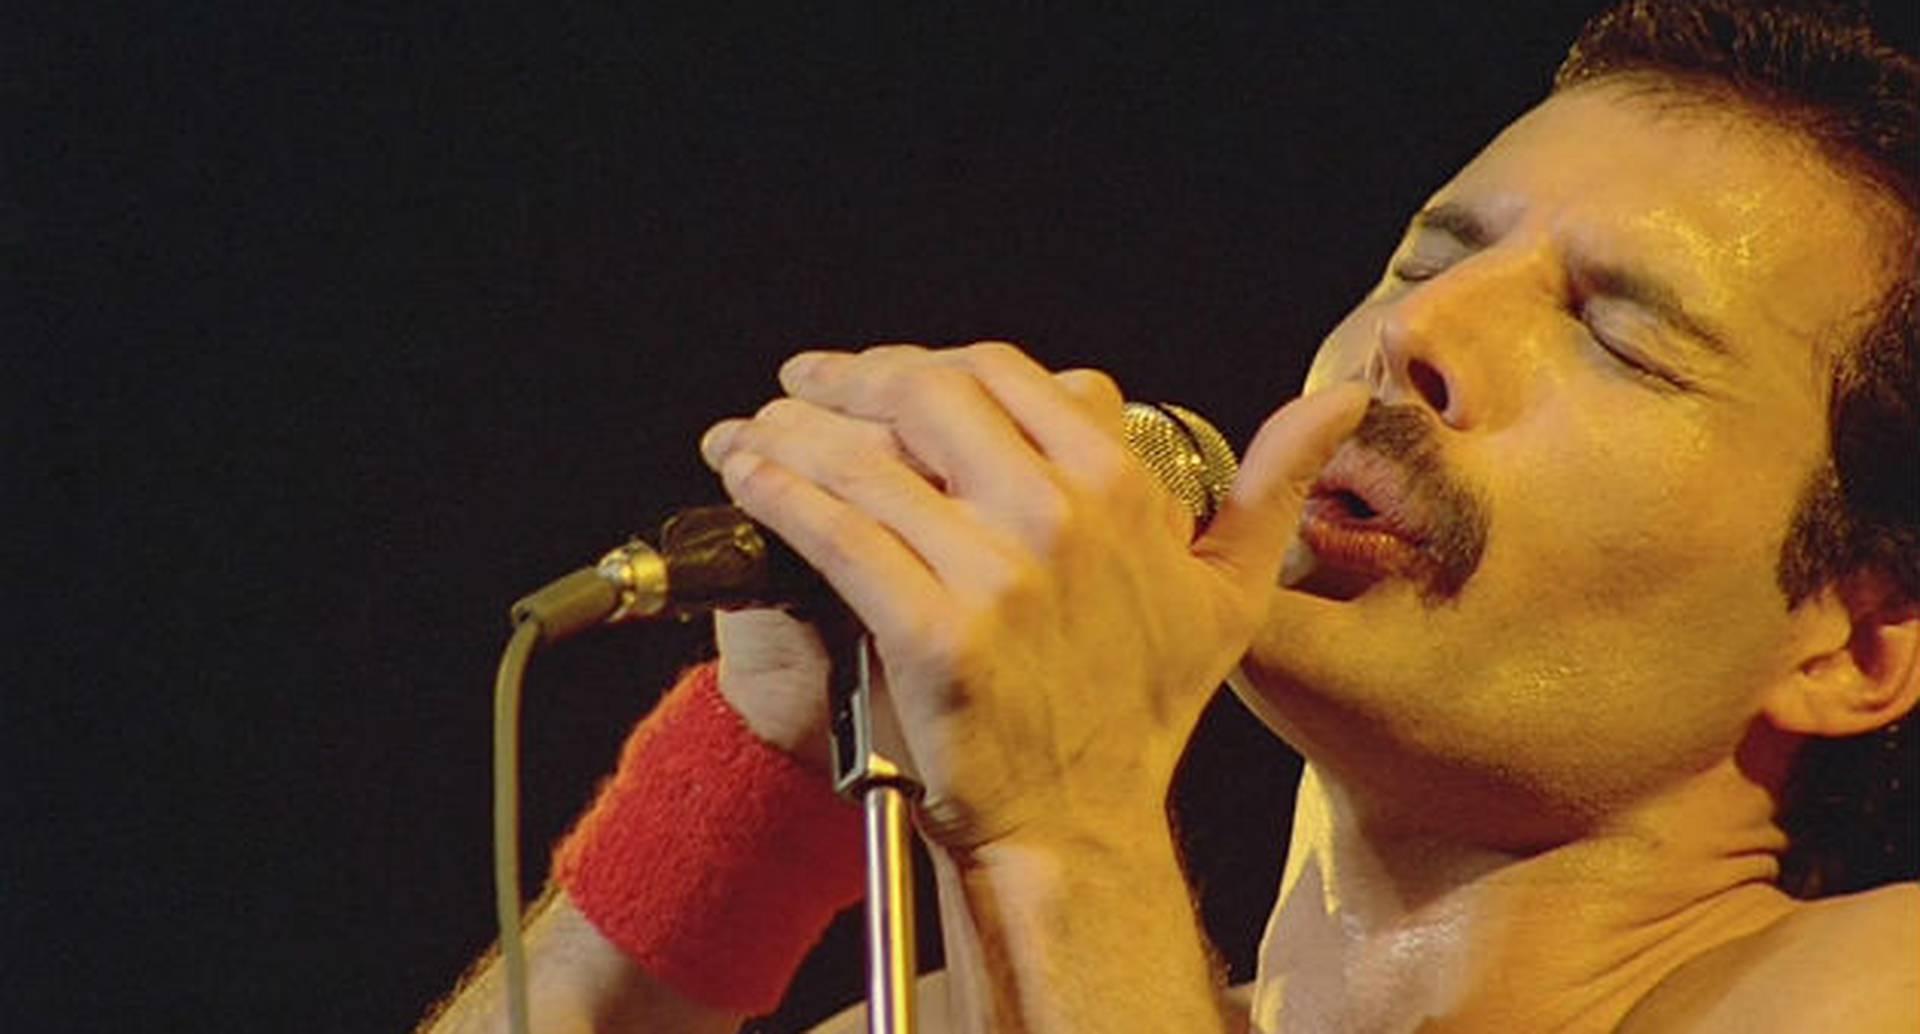 El 24 de noviembre de 2020 se cumplirán 29 años del fallecimiento de Freddie Mercury, cantante de Queen.